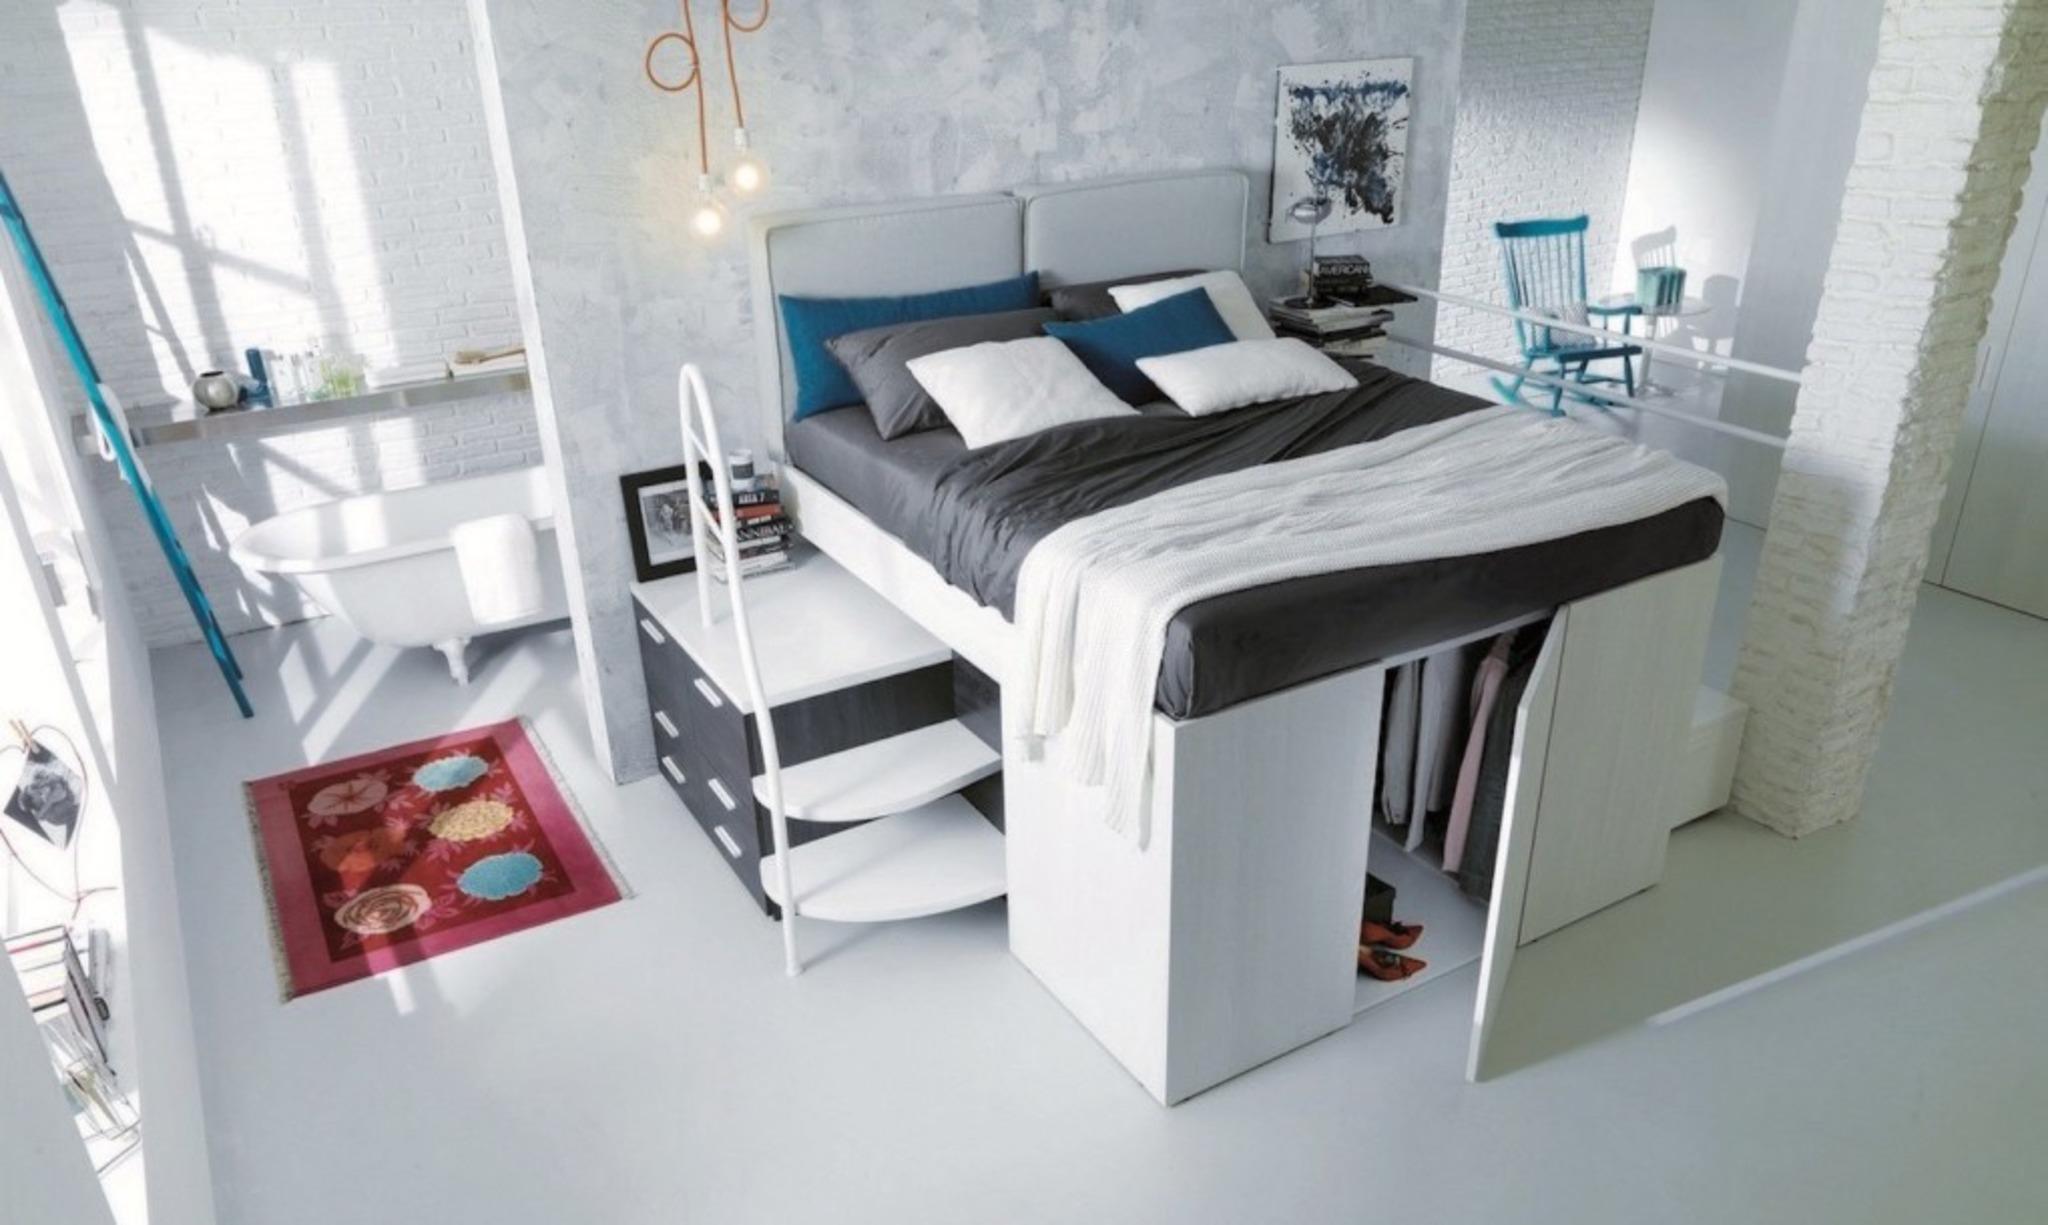 Full Size of Bett Platzsparend Dieses Platzsparende Ist Auch Ein Begehbarer Schrank Baden Schwarzes Poco Betten Bei Ikea Meise Günstiges Weiß 160x200 Zum Ausziehen Bett Bett Platzsparend